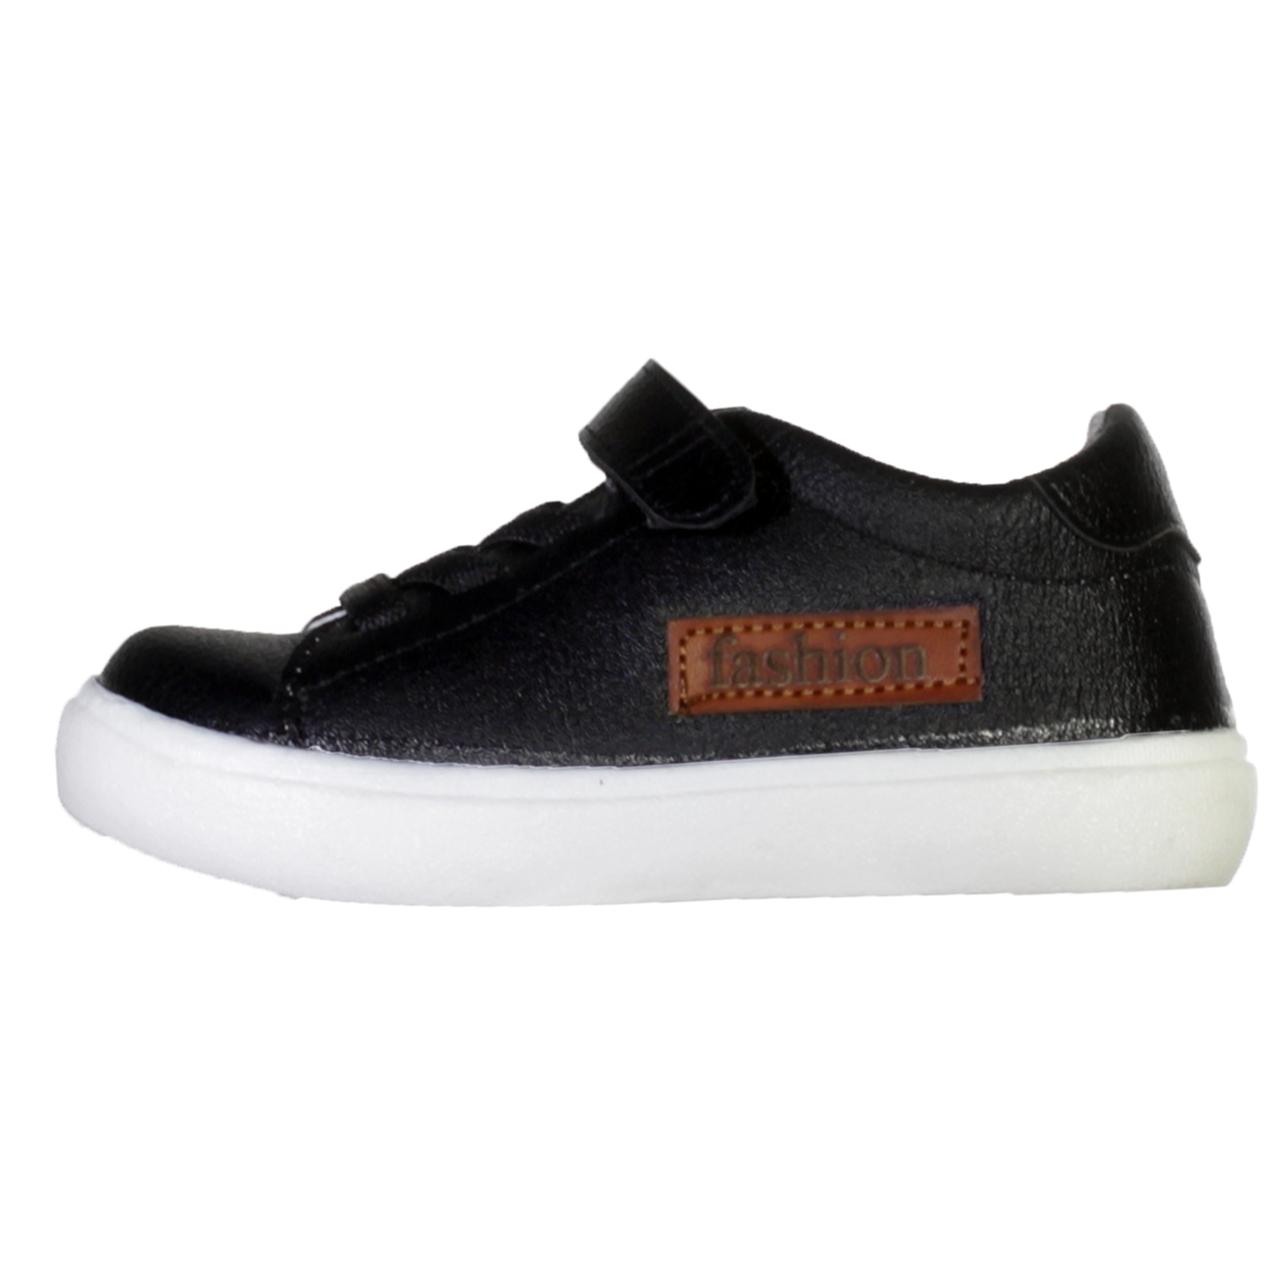 کفش مخصوص پیاده روی مدل Adams کد 01